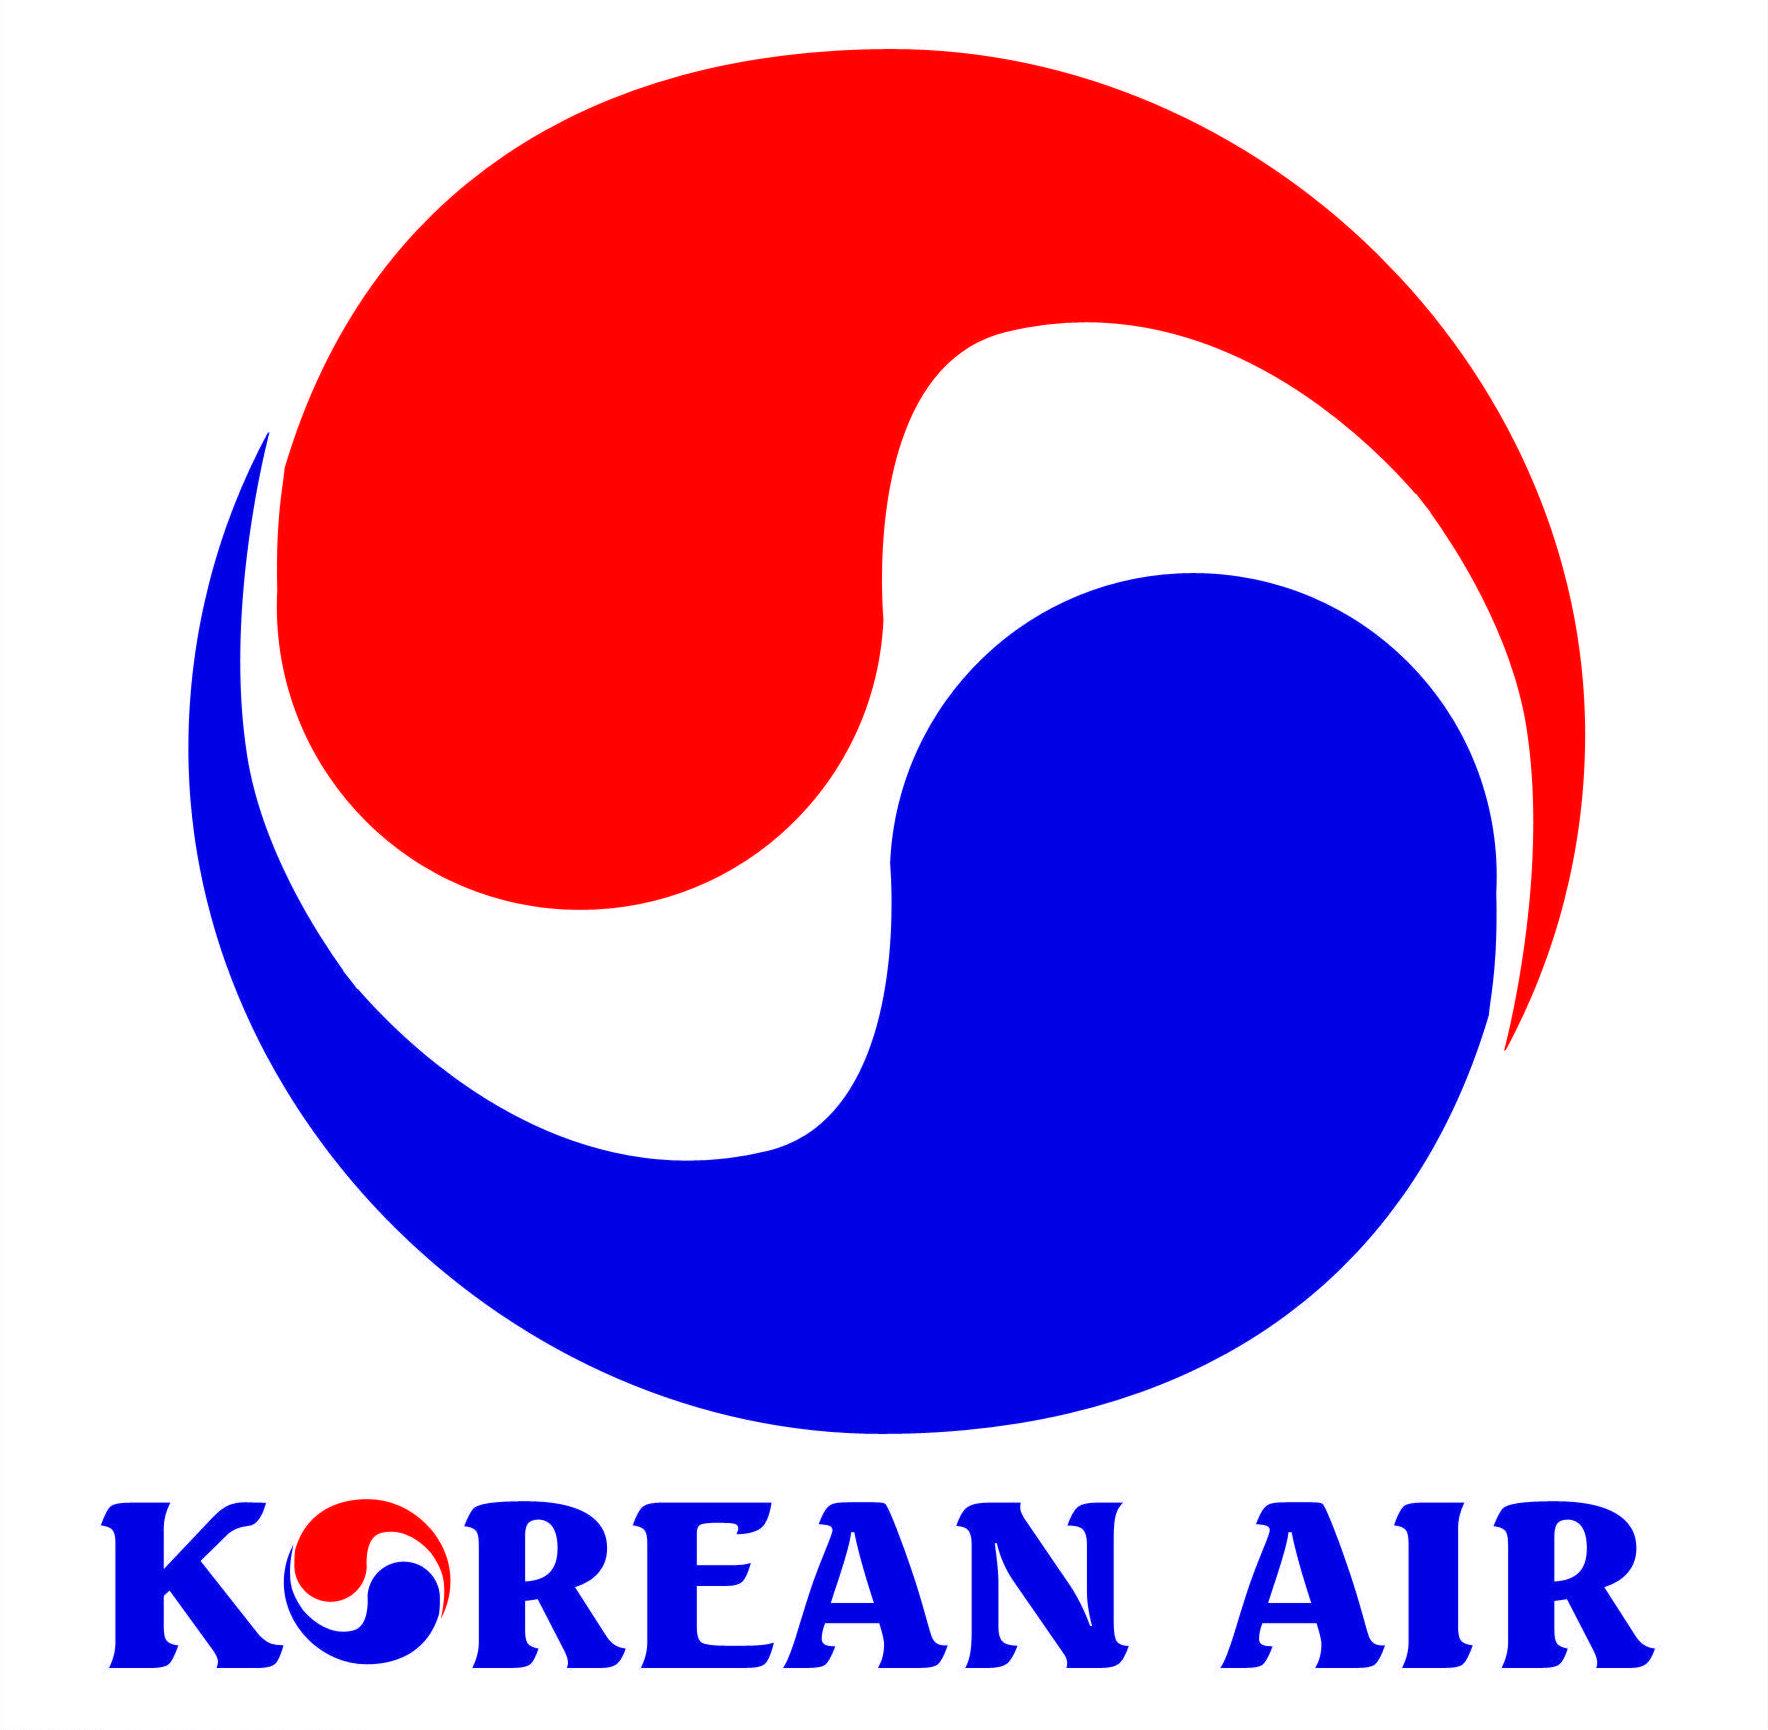 Korean Air (South Korean airline).